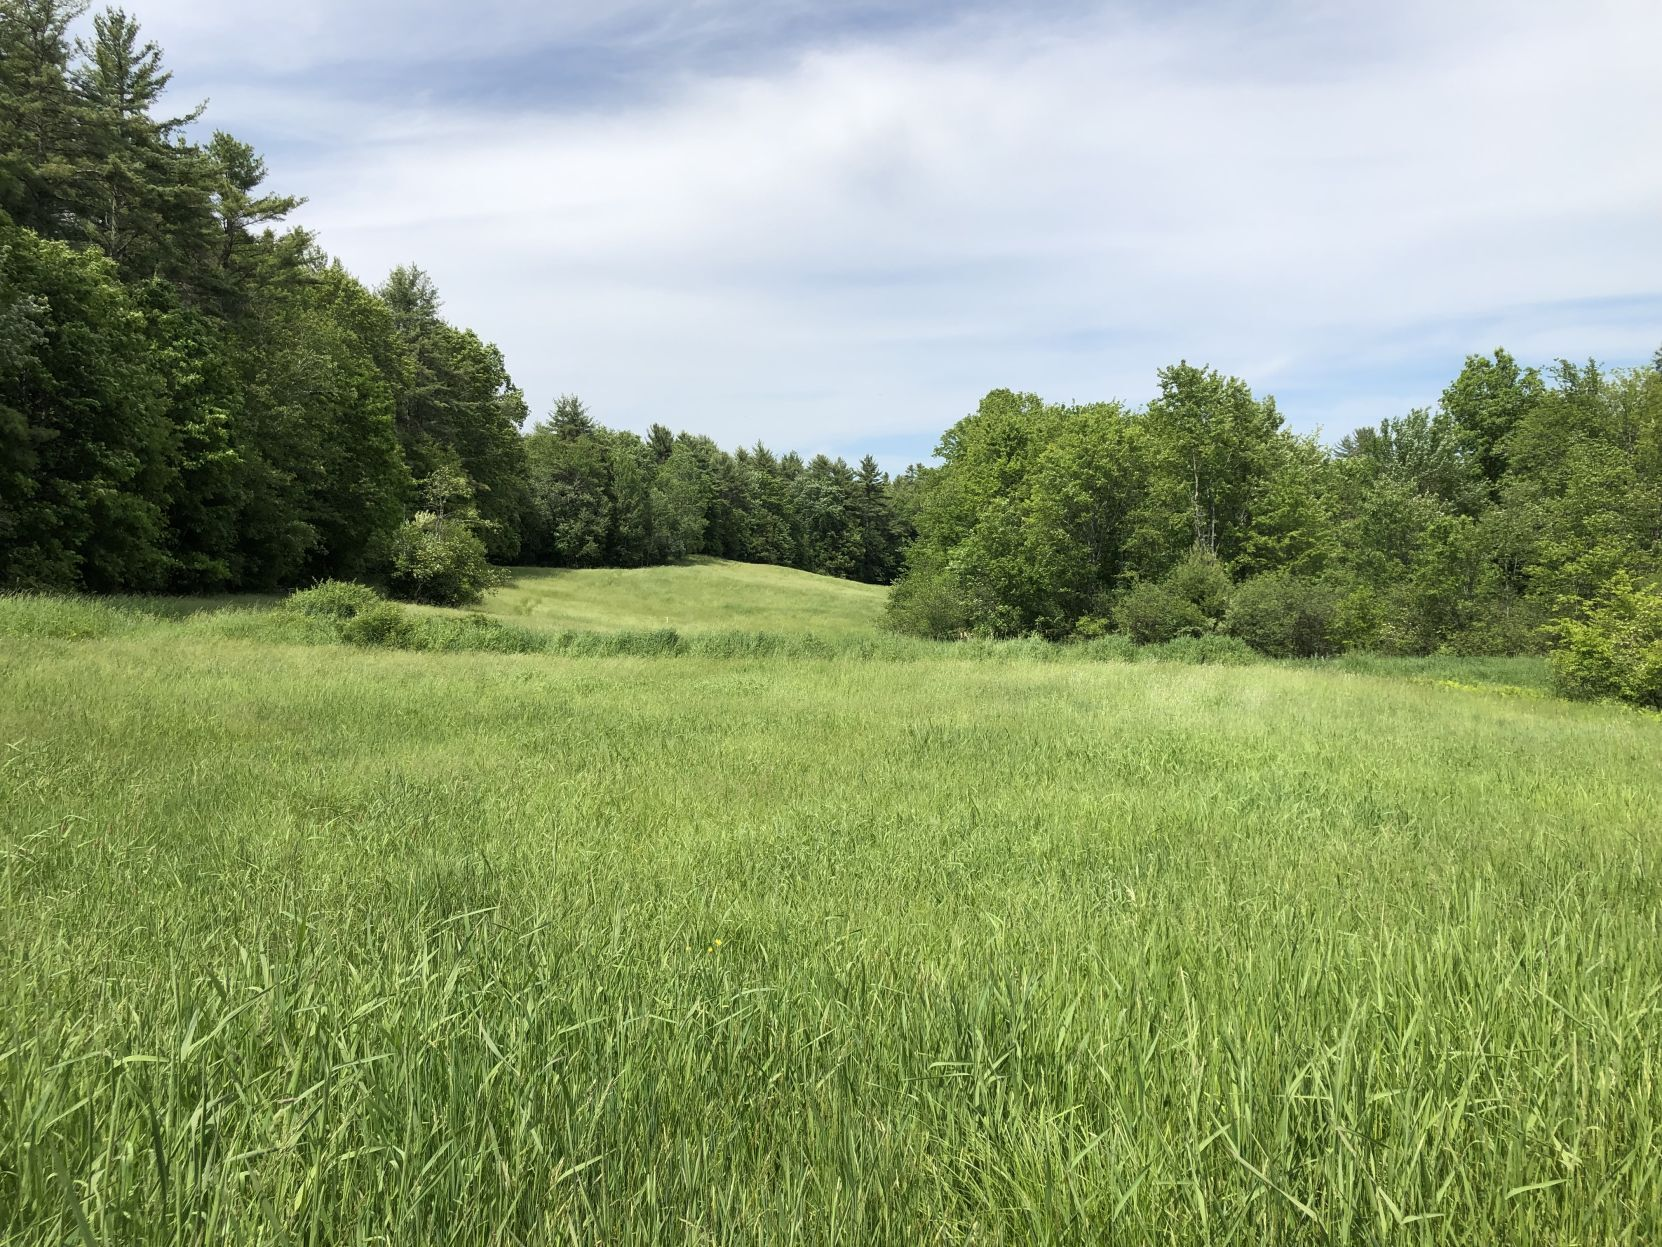 Tuckaway fields